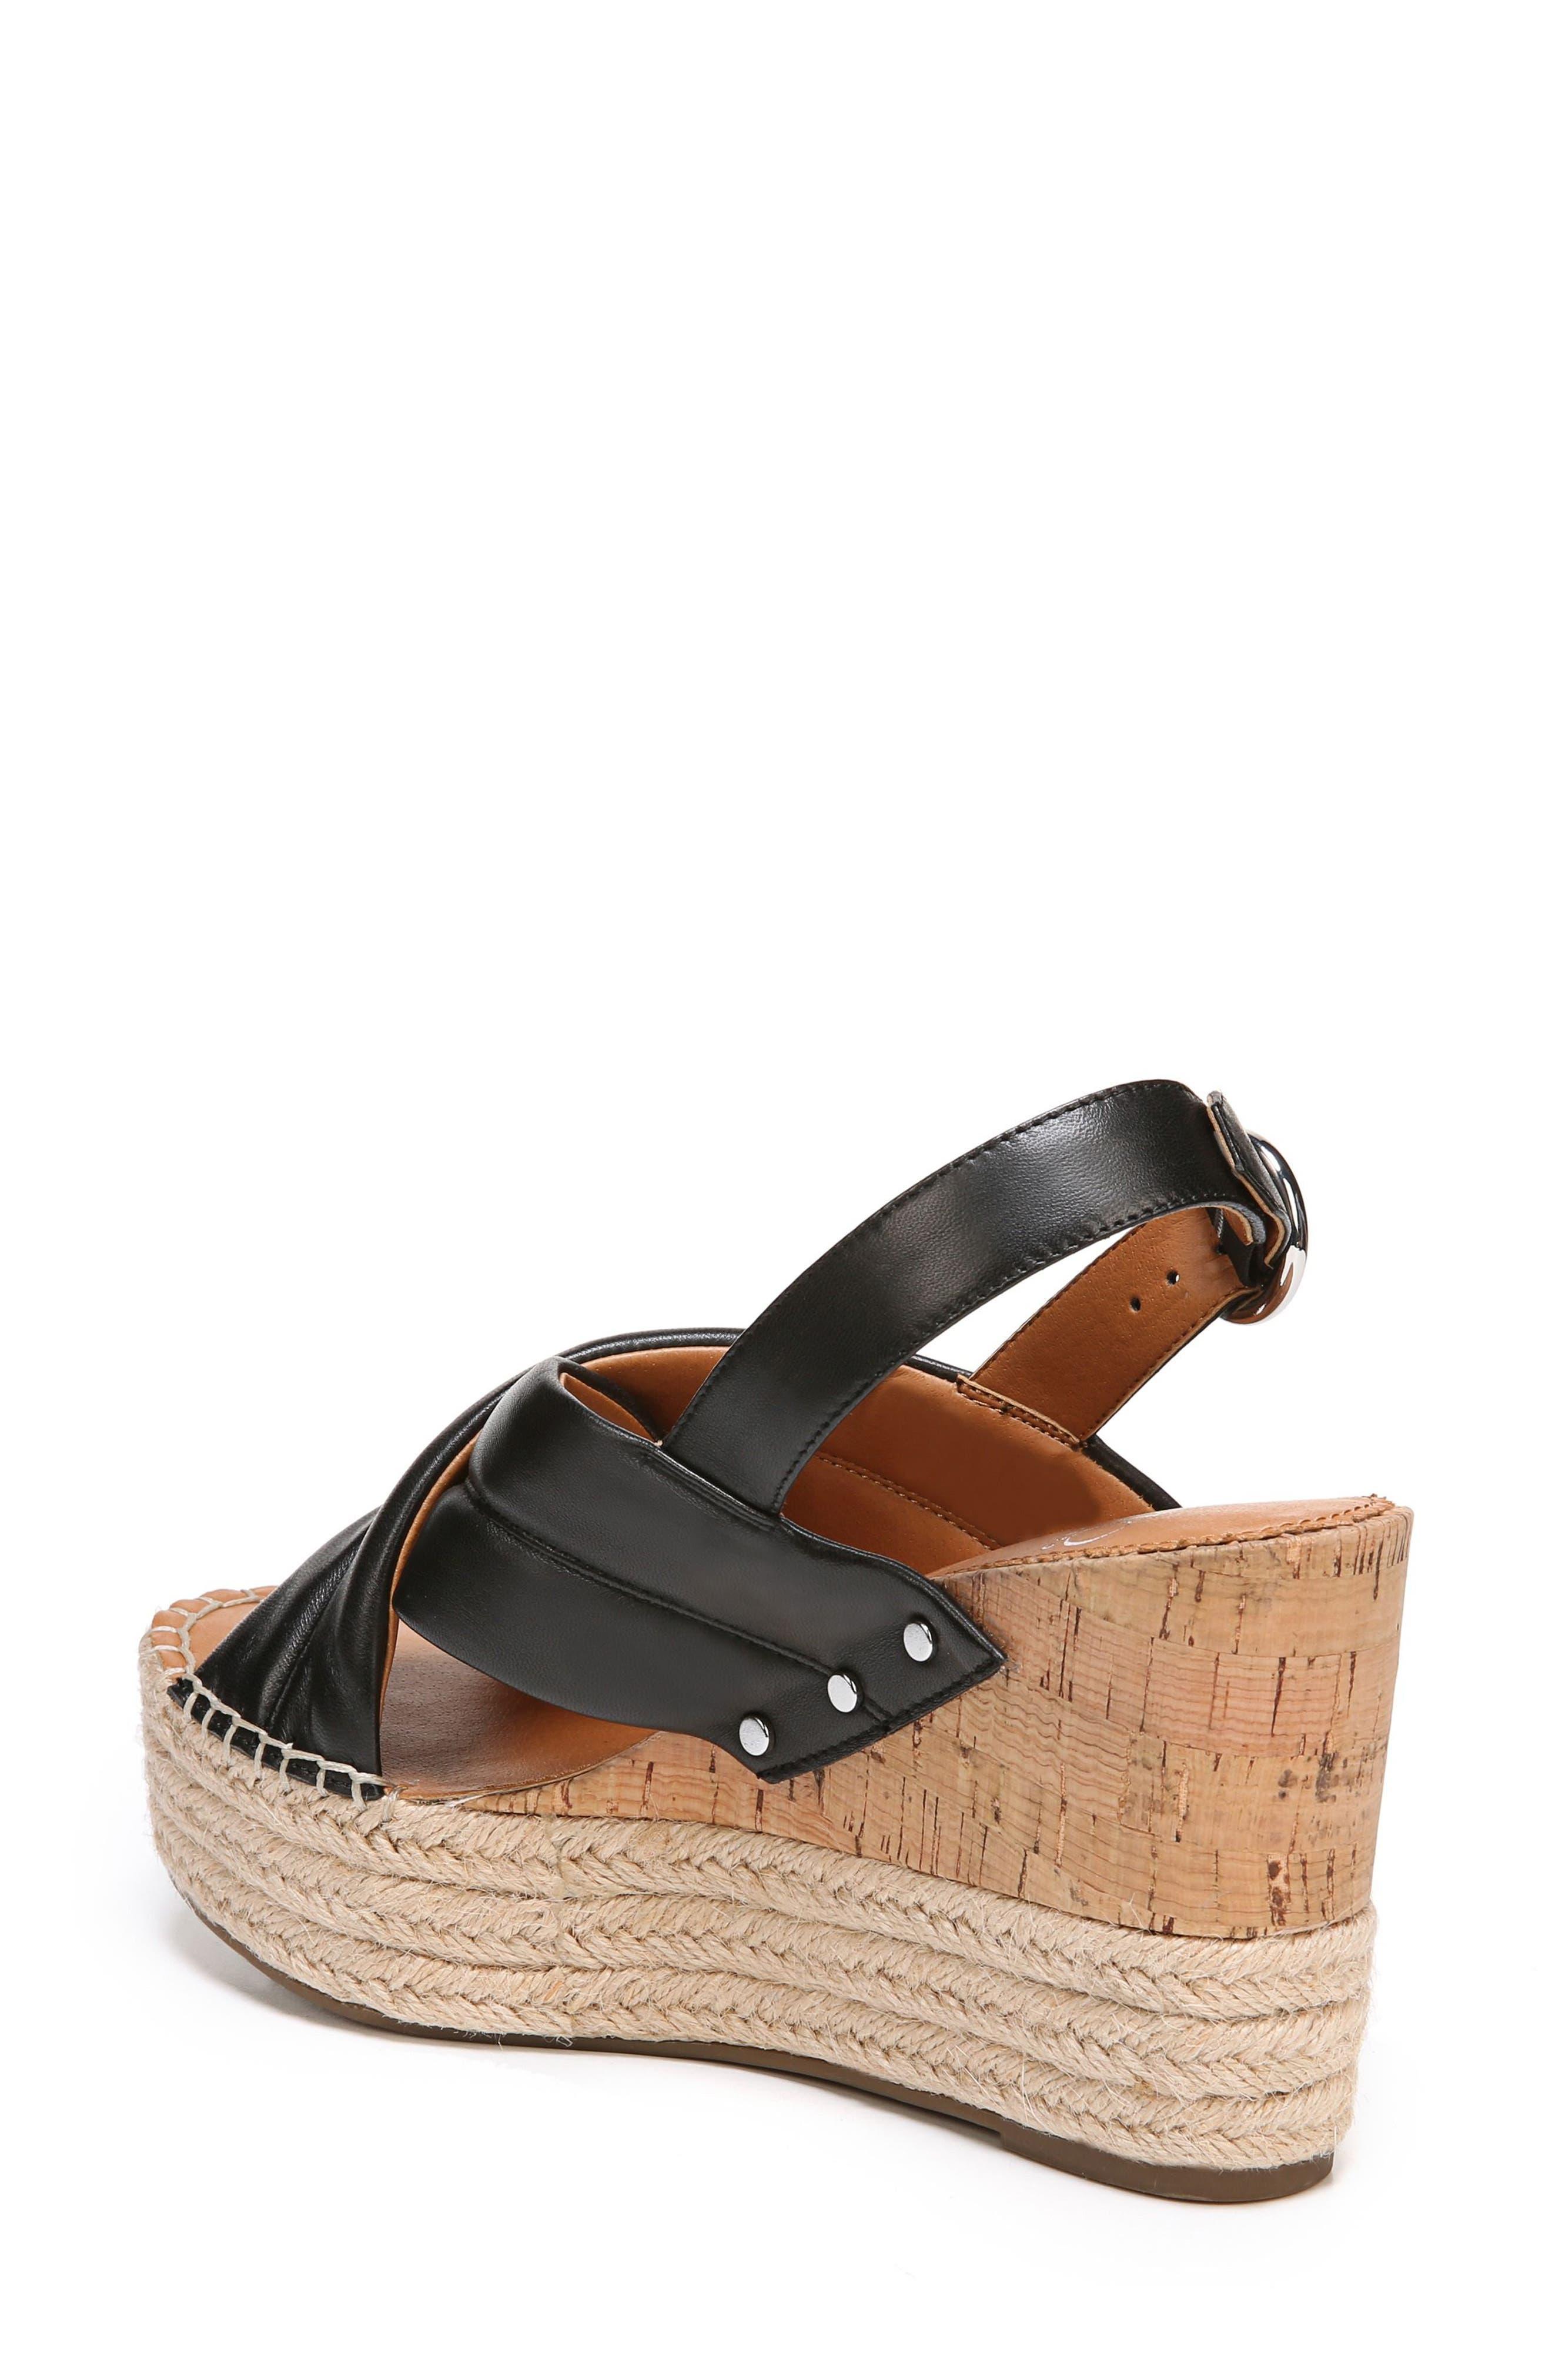 Niva Espadrille Wedge Sandal,                             Alternate thumbnail 6, color,